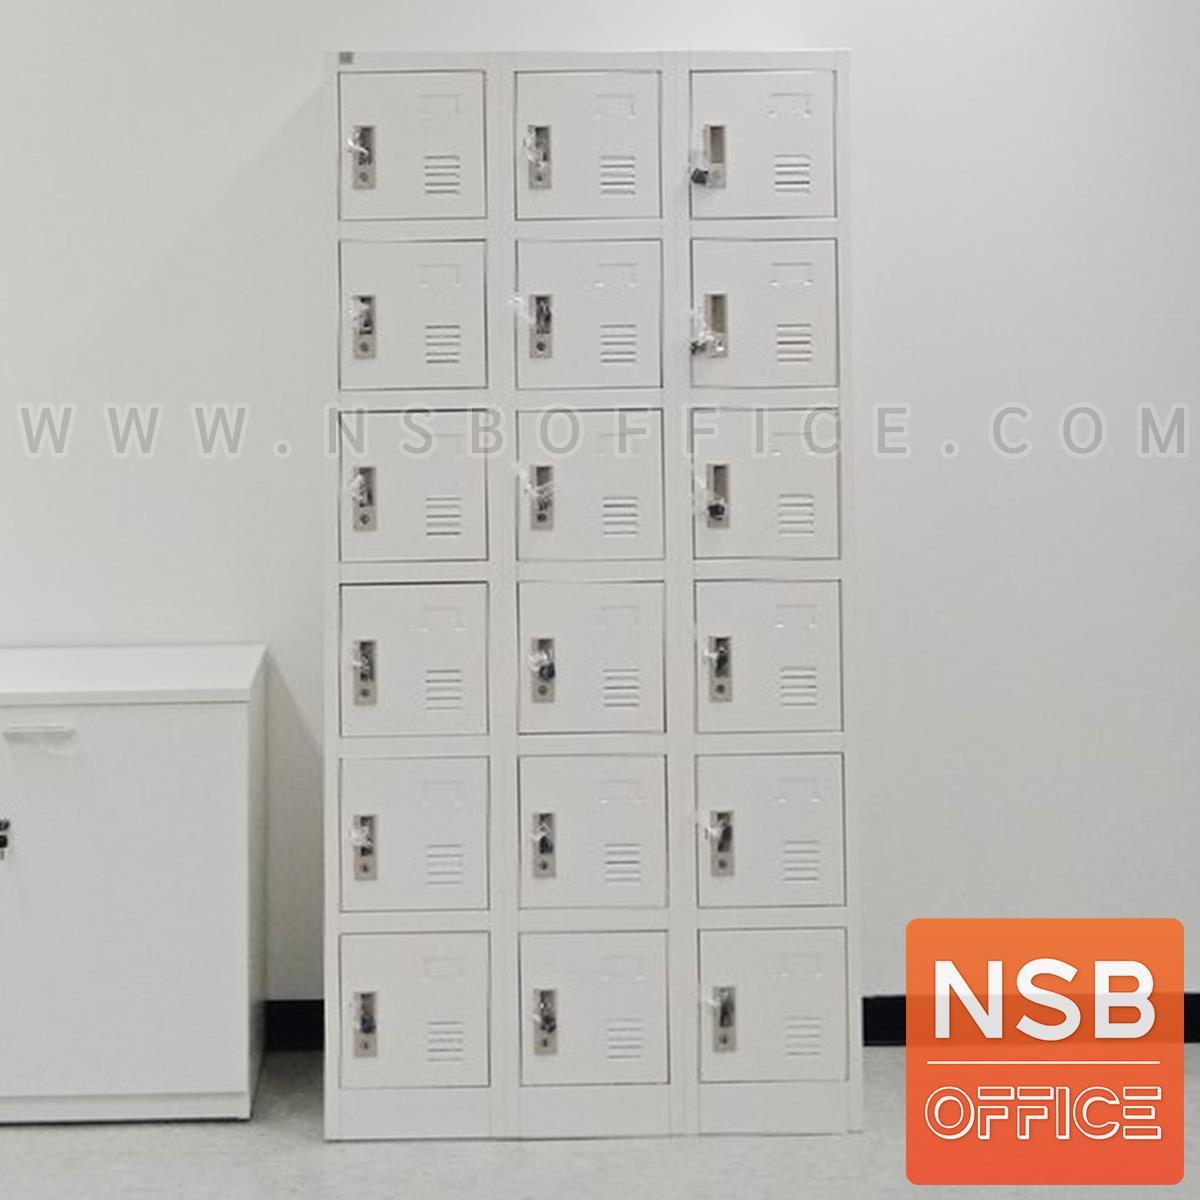 ตู้ล็อกเกอร์ 18 ประตู  รุ่น Wheelie (วีลลี่) ขนาด 91.7W*54.7D*185H cm.